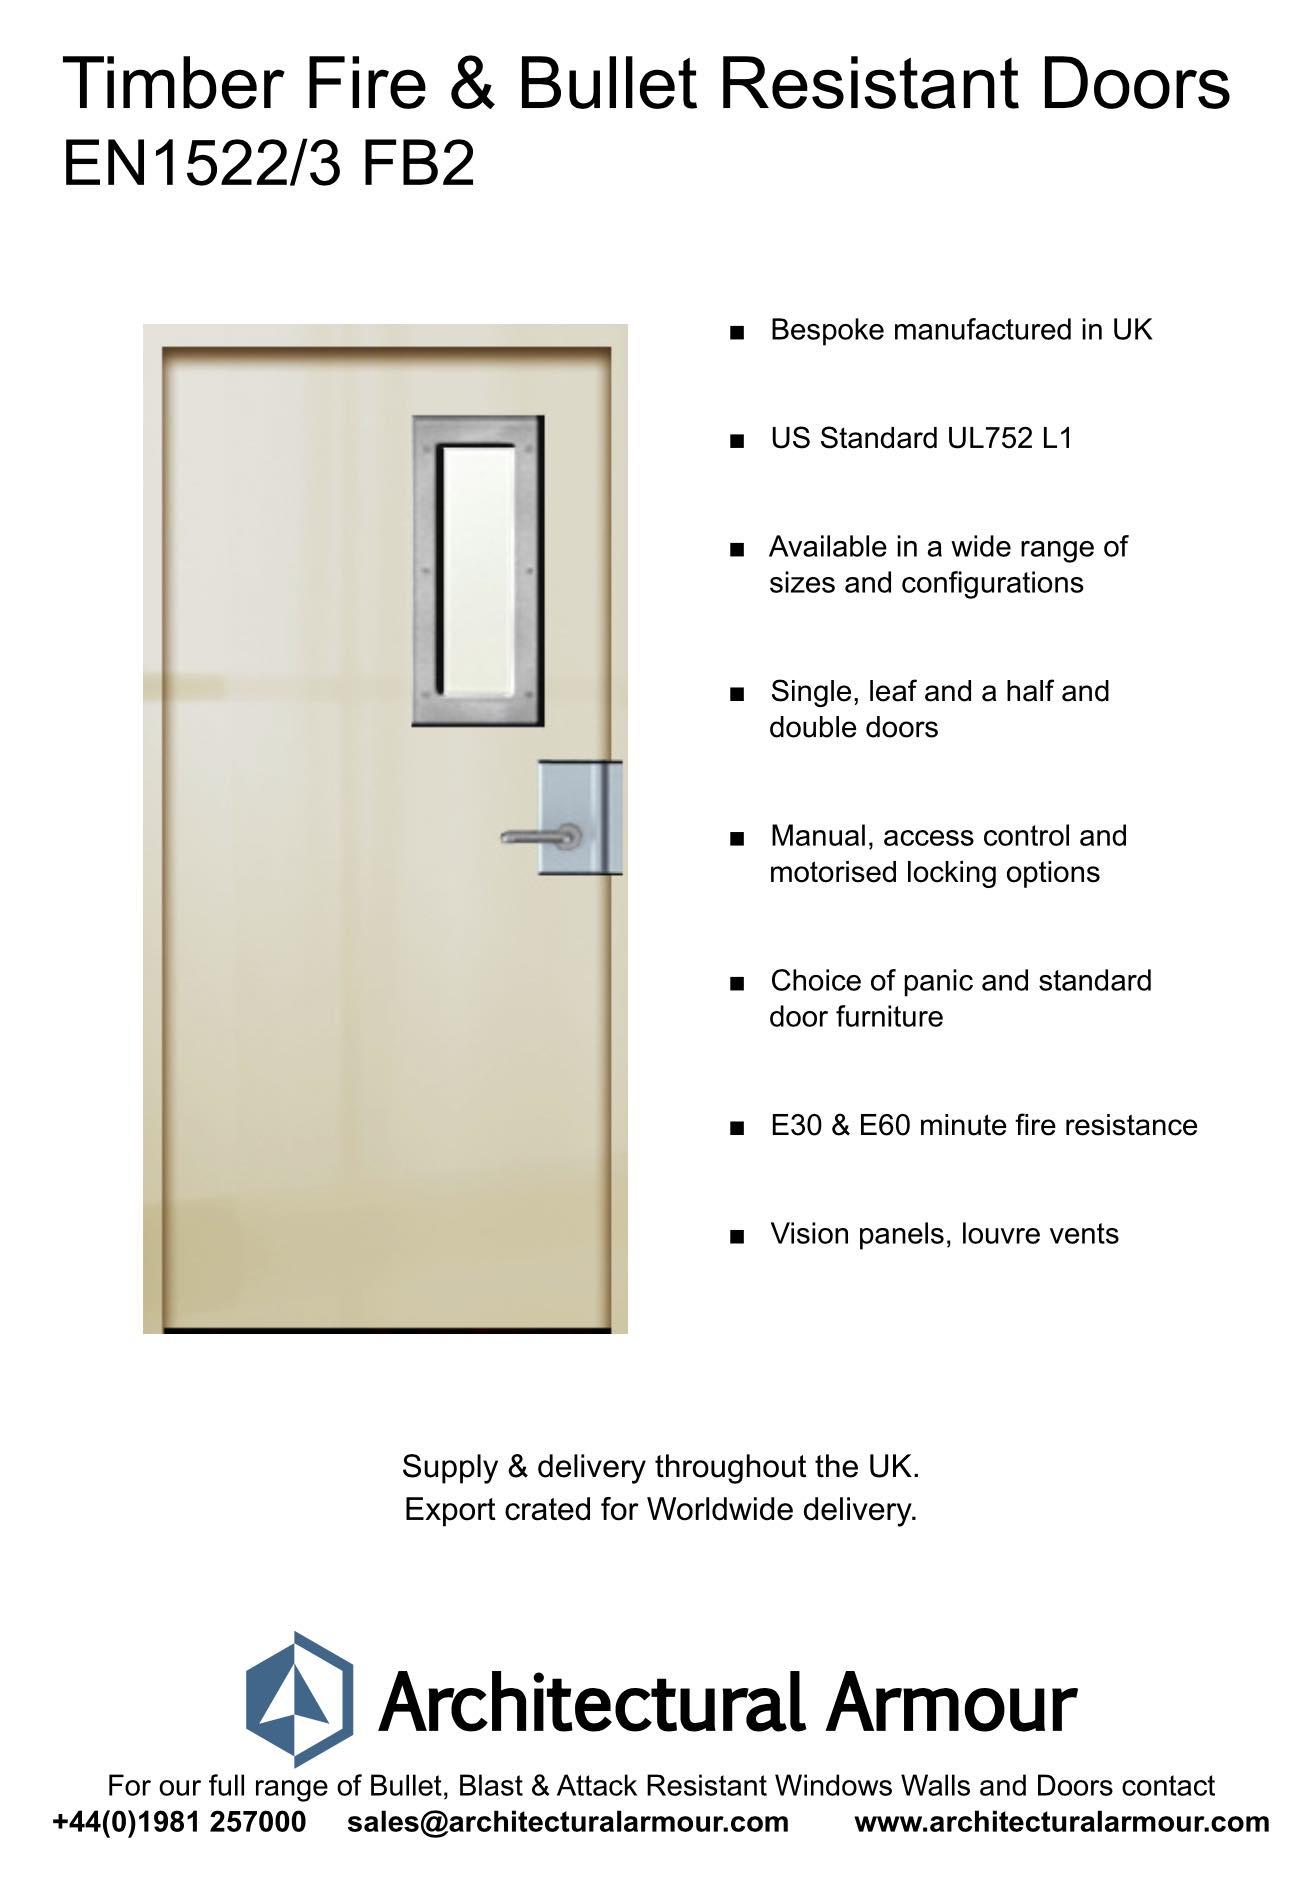 en1522/3 fb2 fire and bullet resistant door